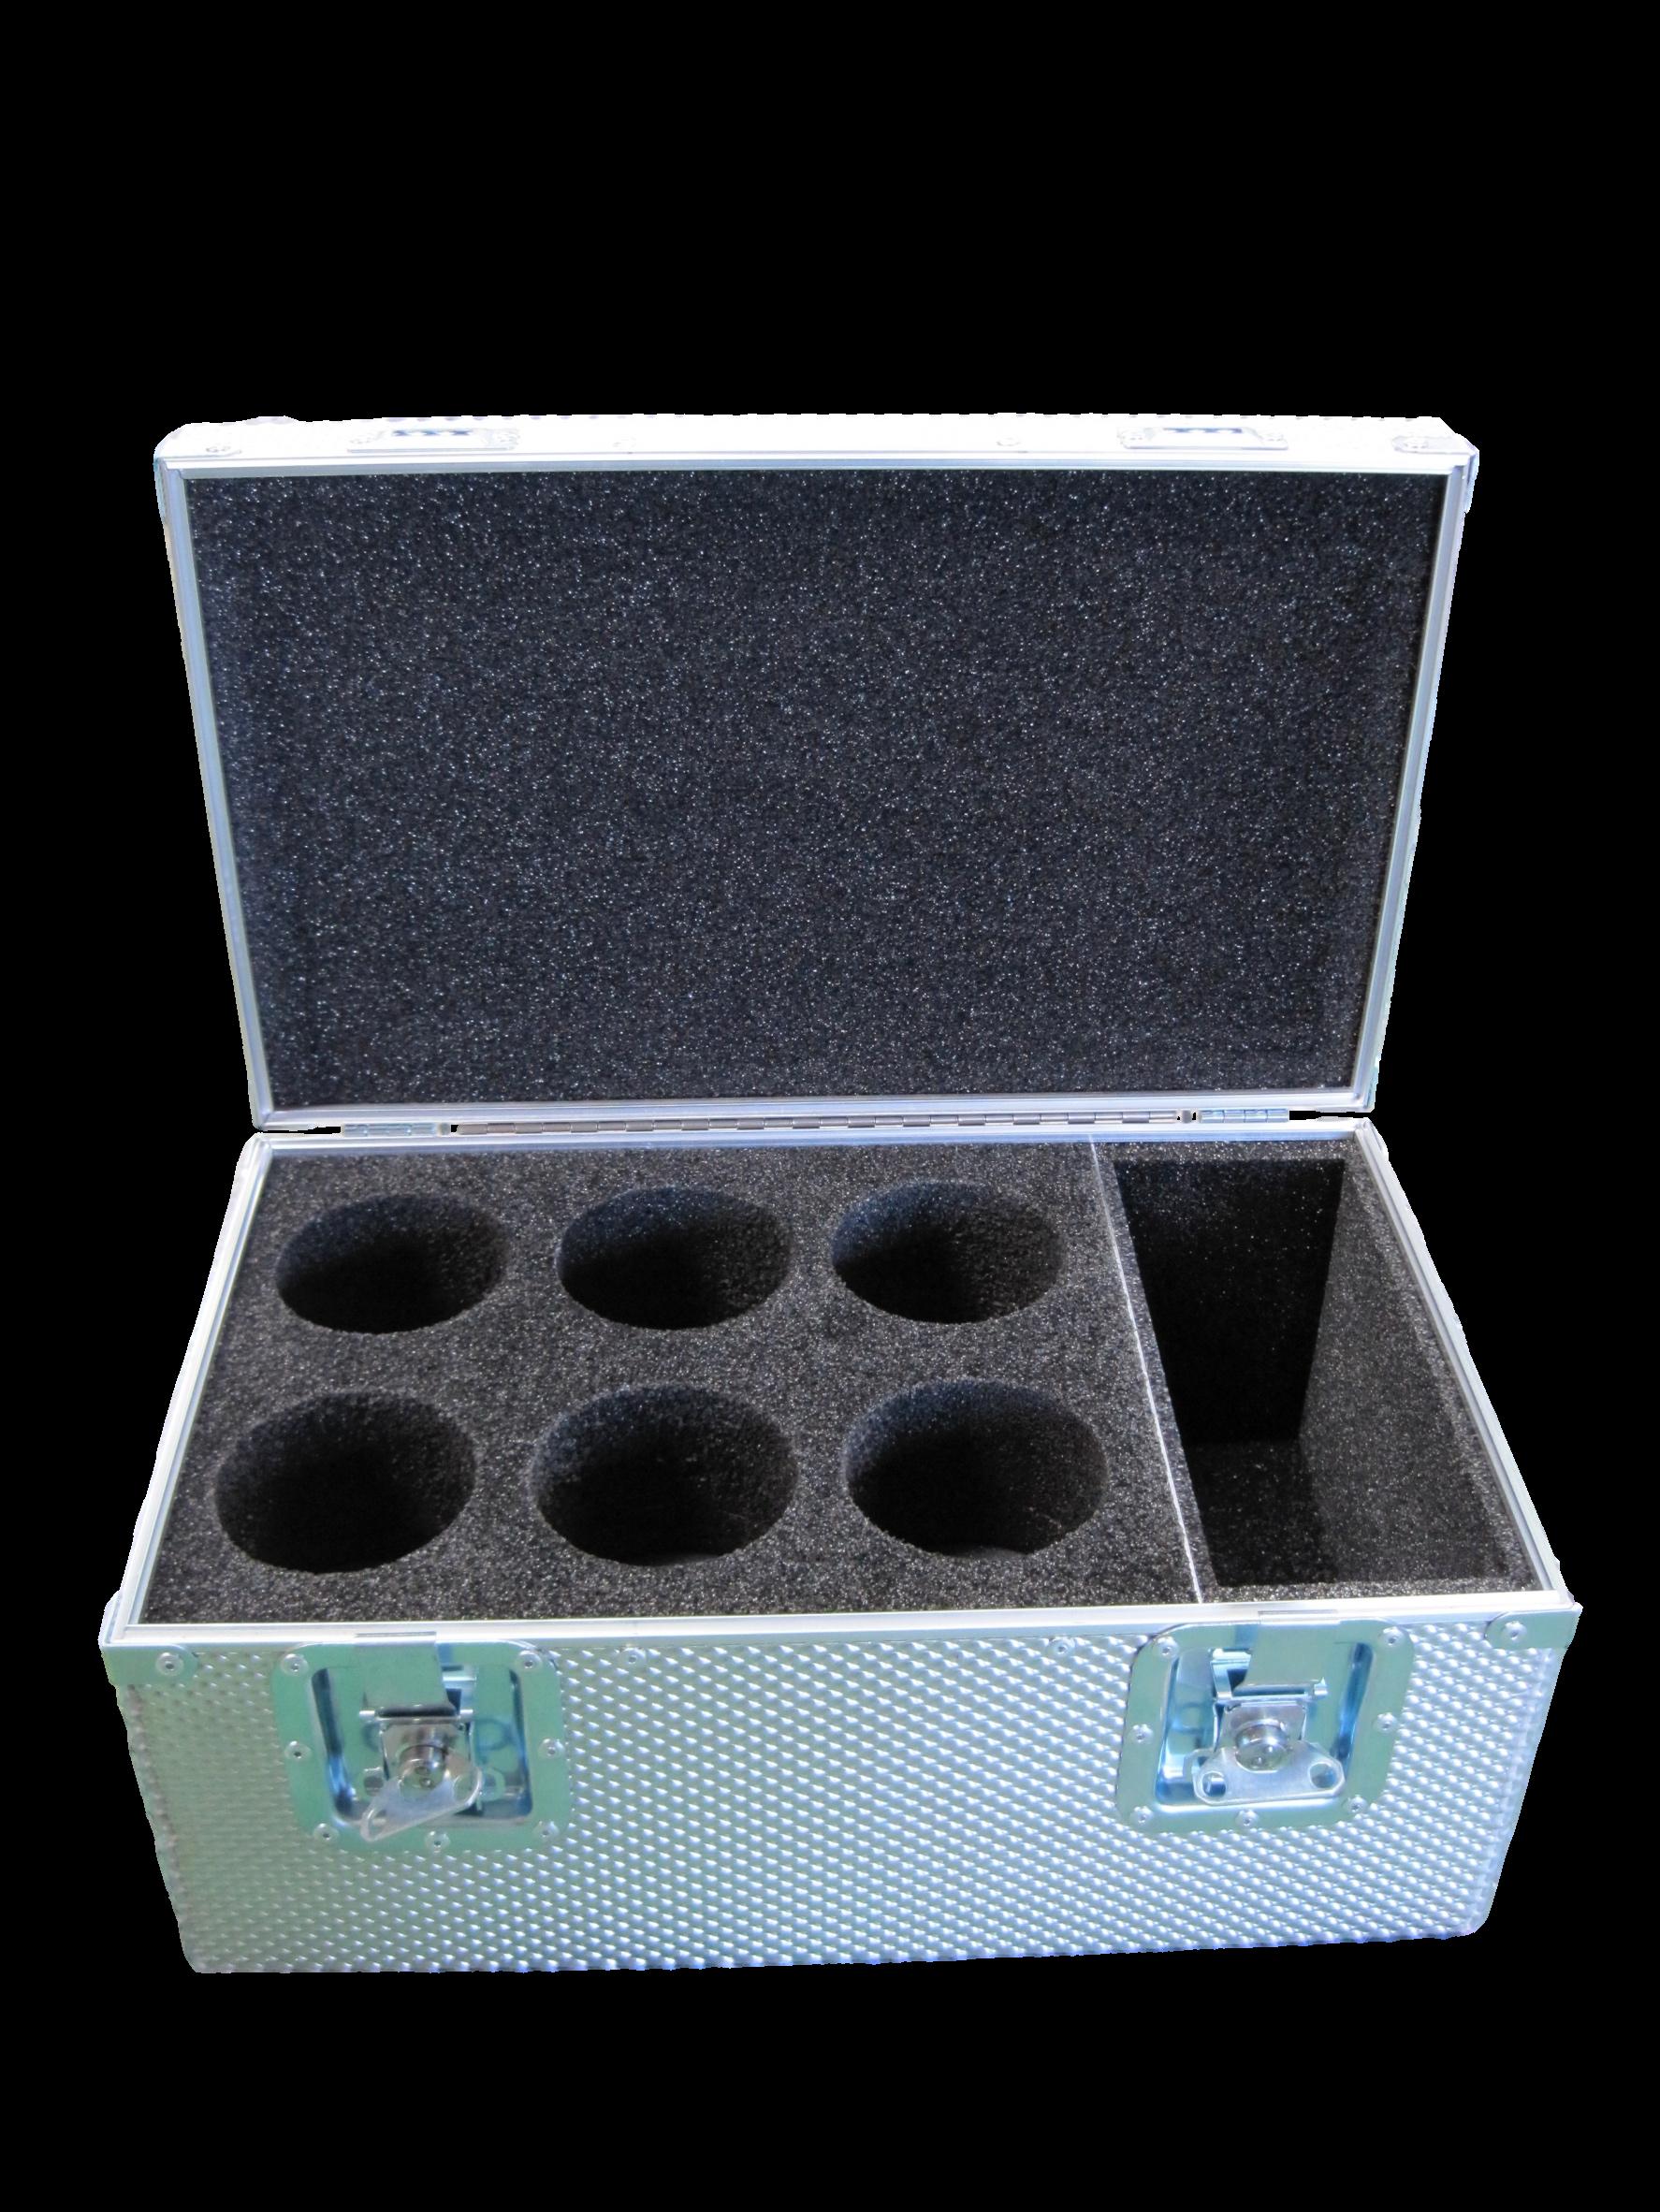 Etha-220 Lens Case Insert